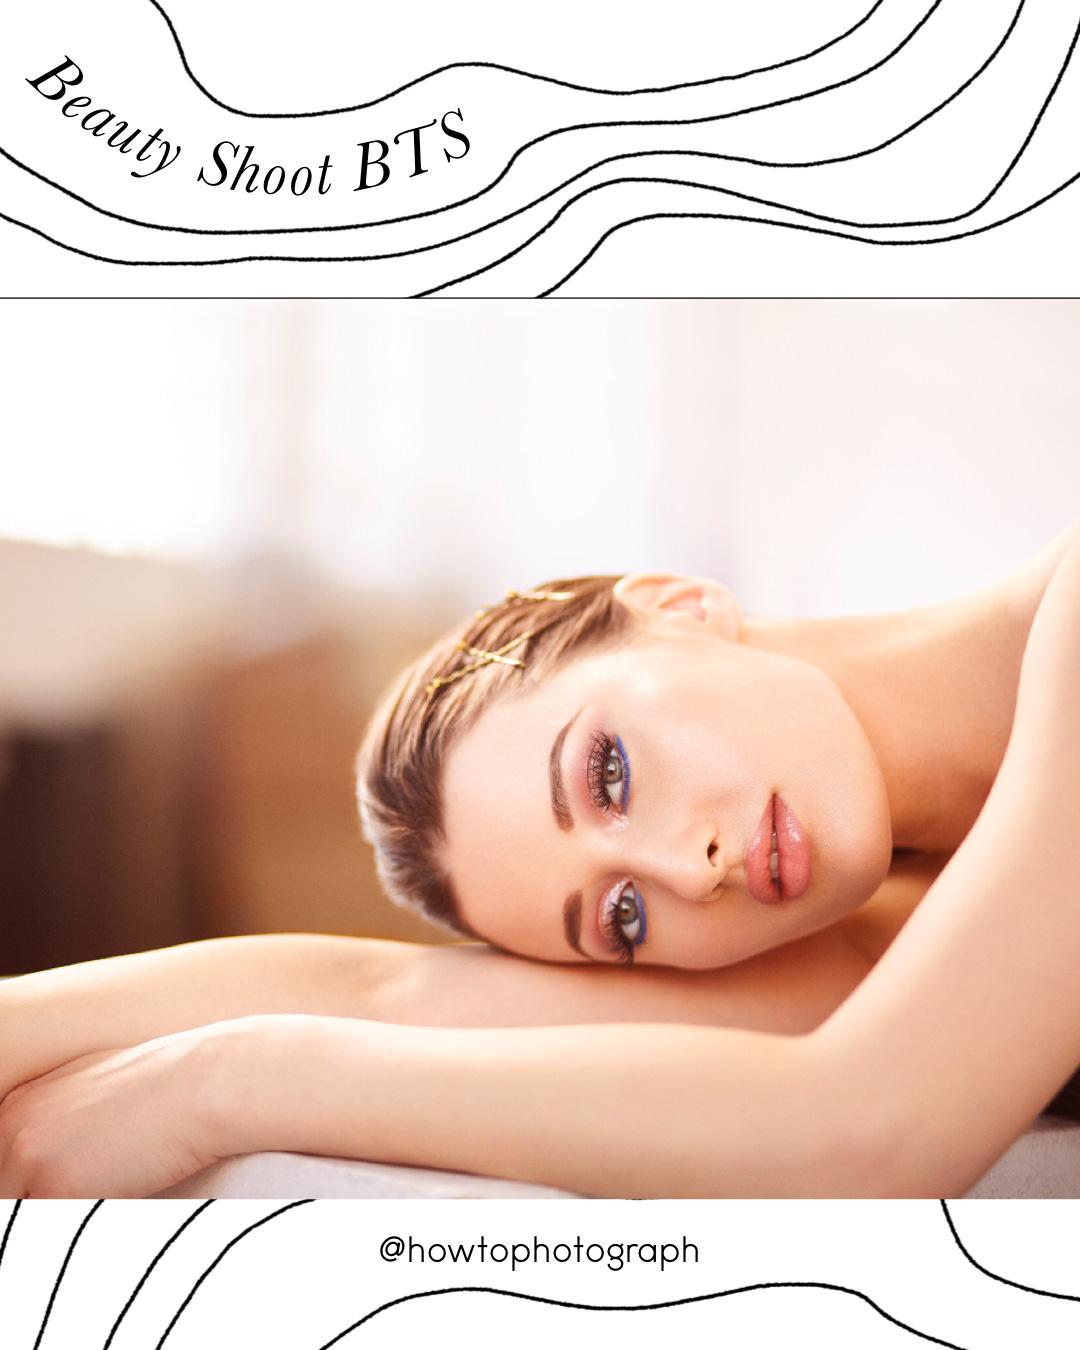 BeautyShoot1.jpg